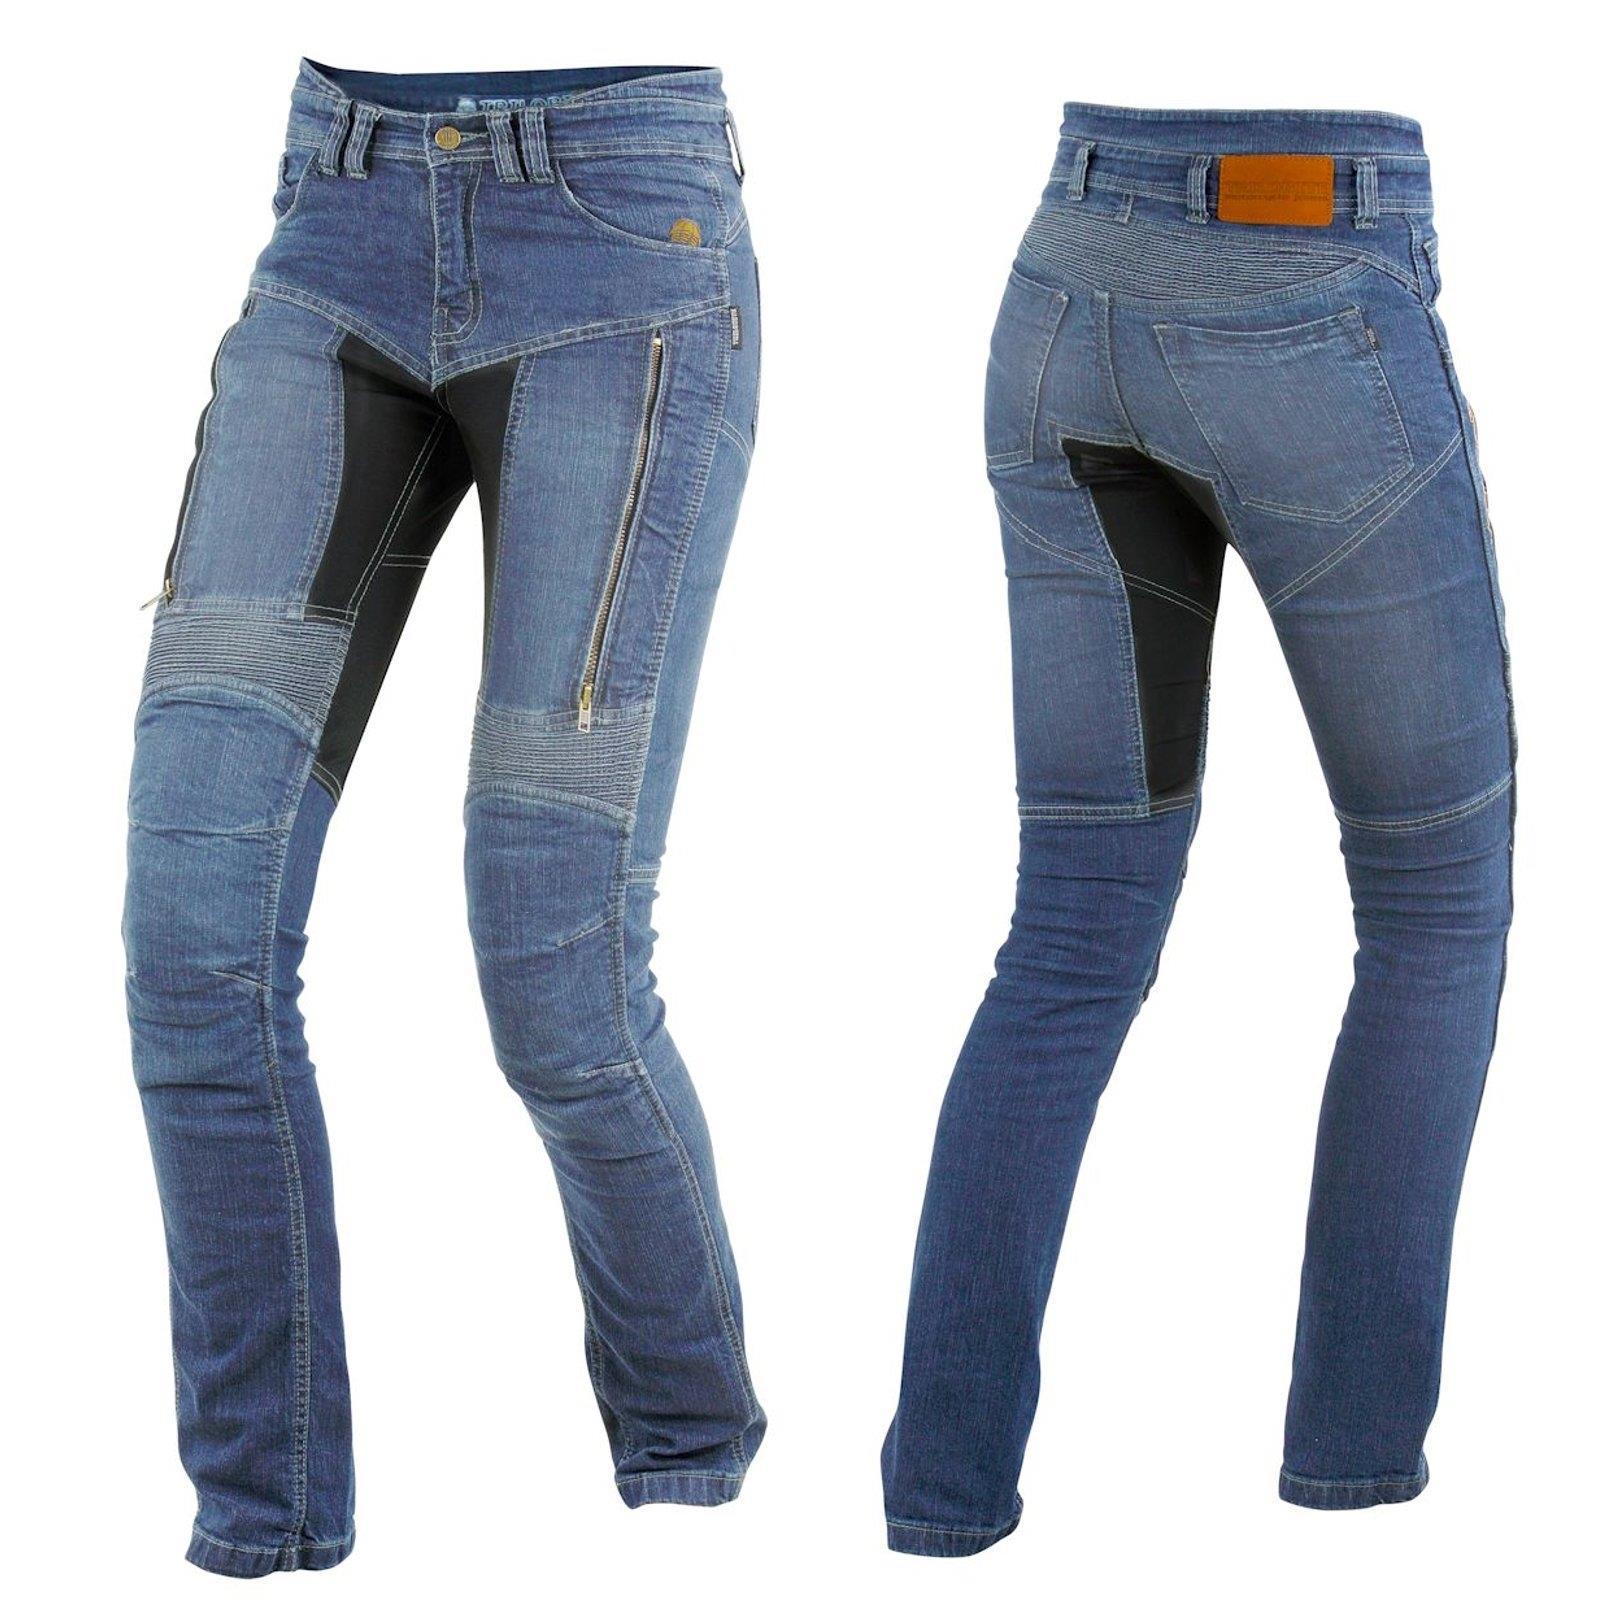 Trilobite-paradoxale-veste-pantalon-protecteur-incl-d-039-aramide-Moto-Jeans-Hommes-Femmes miniature 5